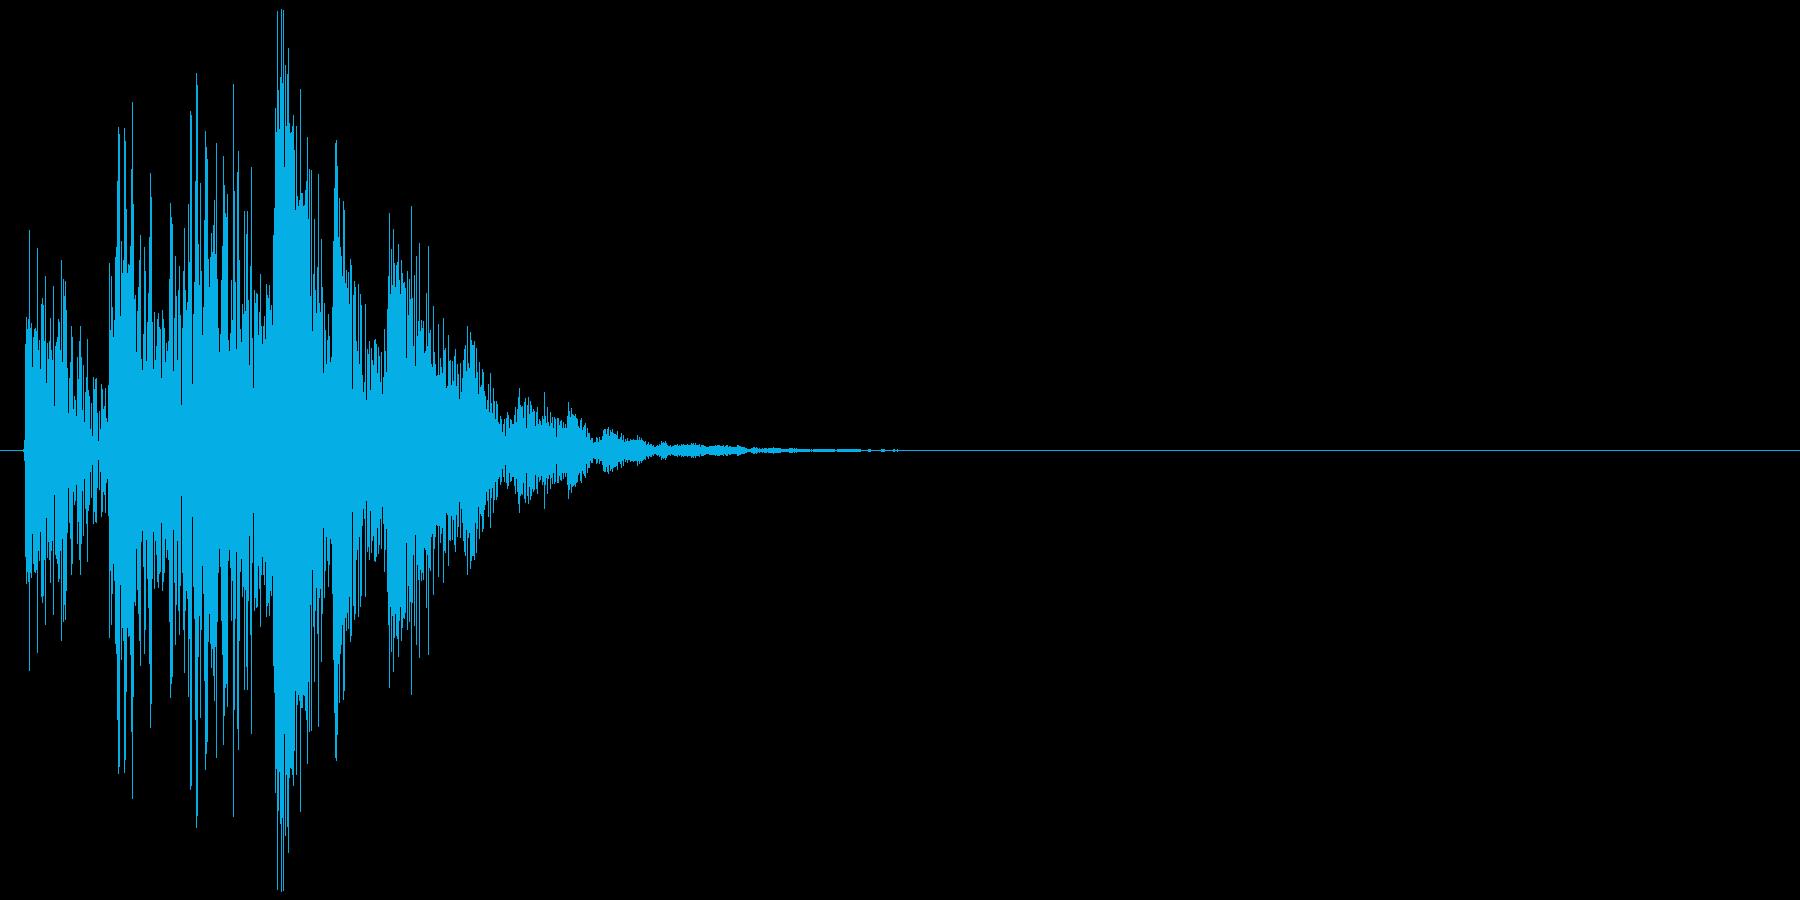 コンピューターの起動音のような効果音の再生済みの波形